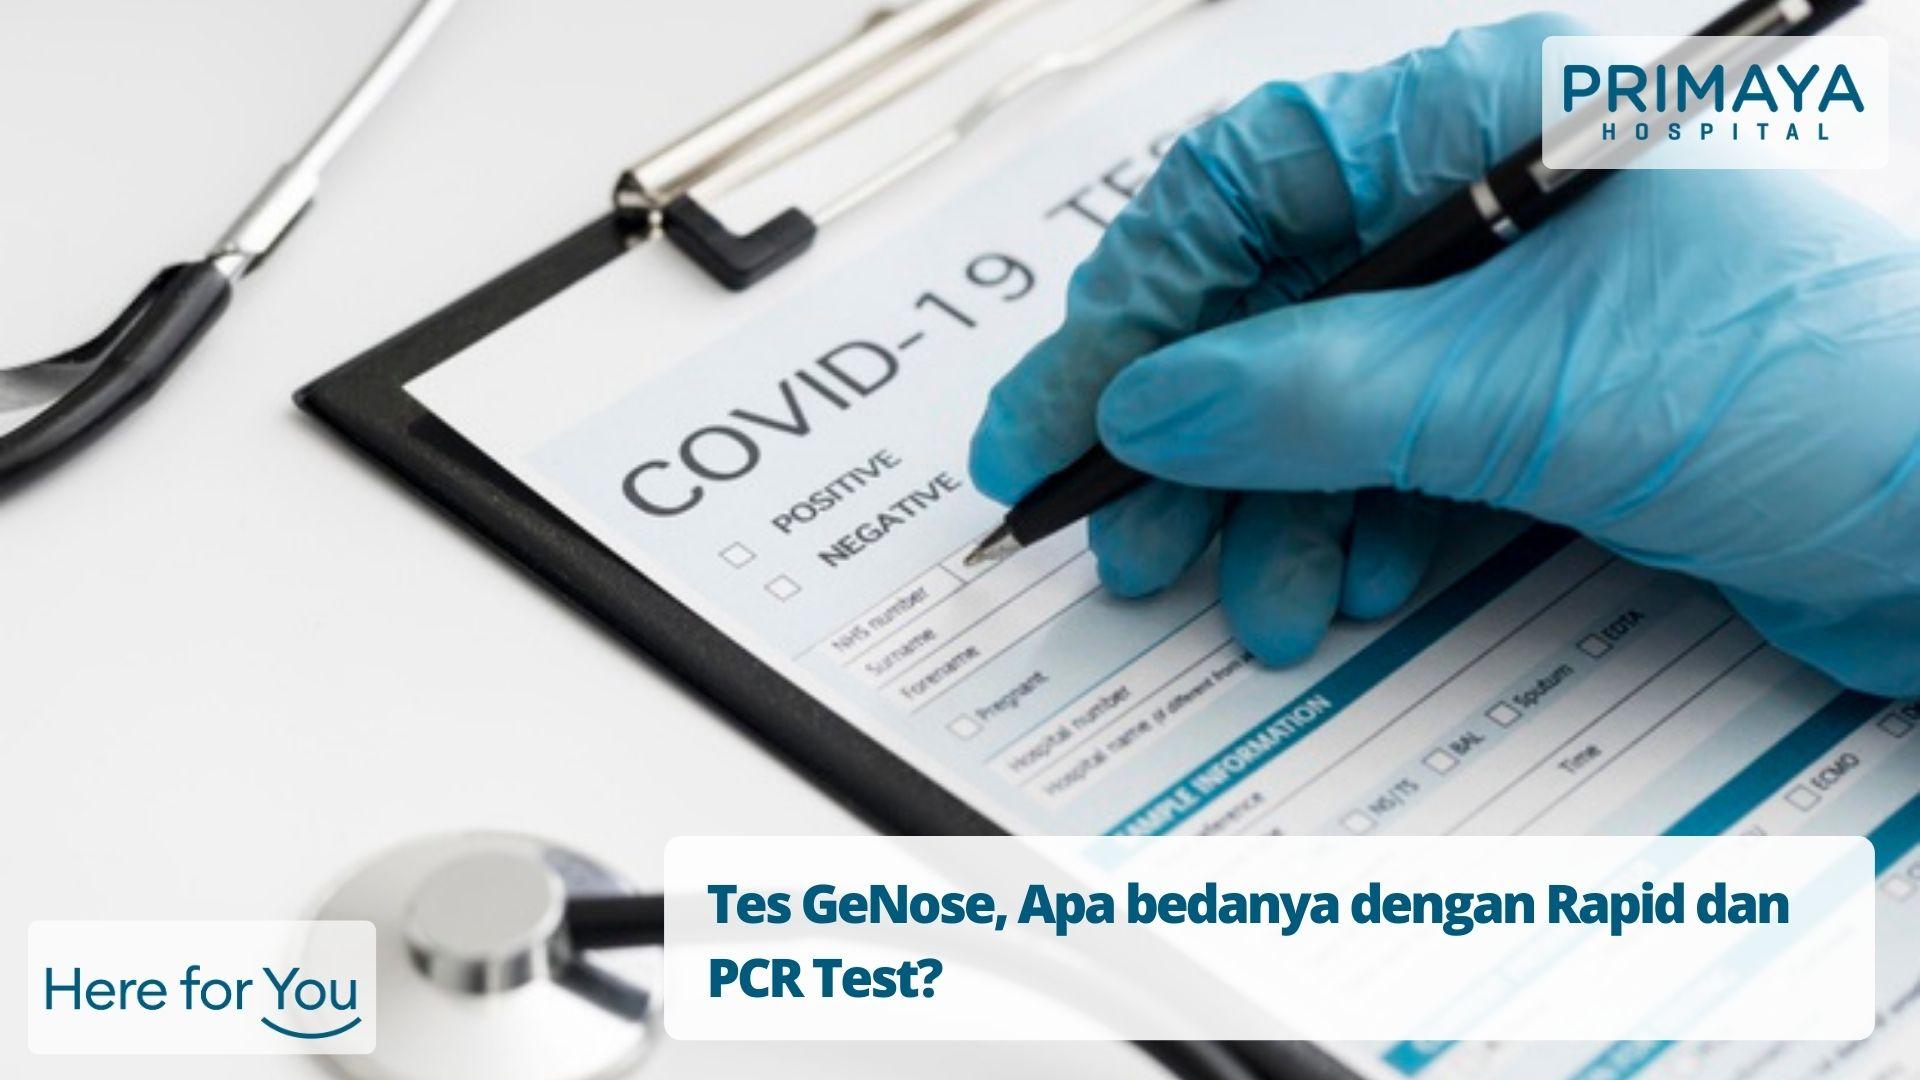 Tes GeNose, Apa bedanya dengan Rapid dan PCR Test?